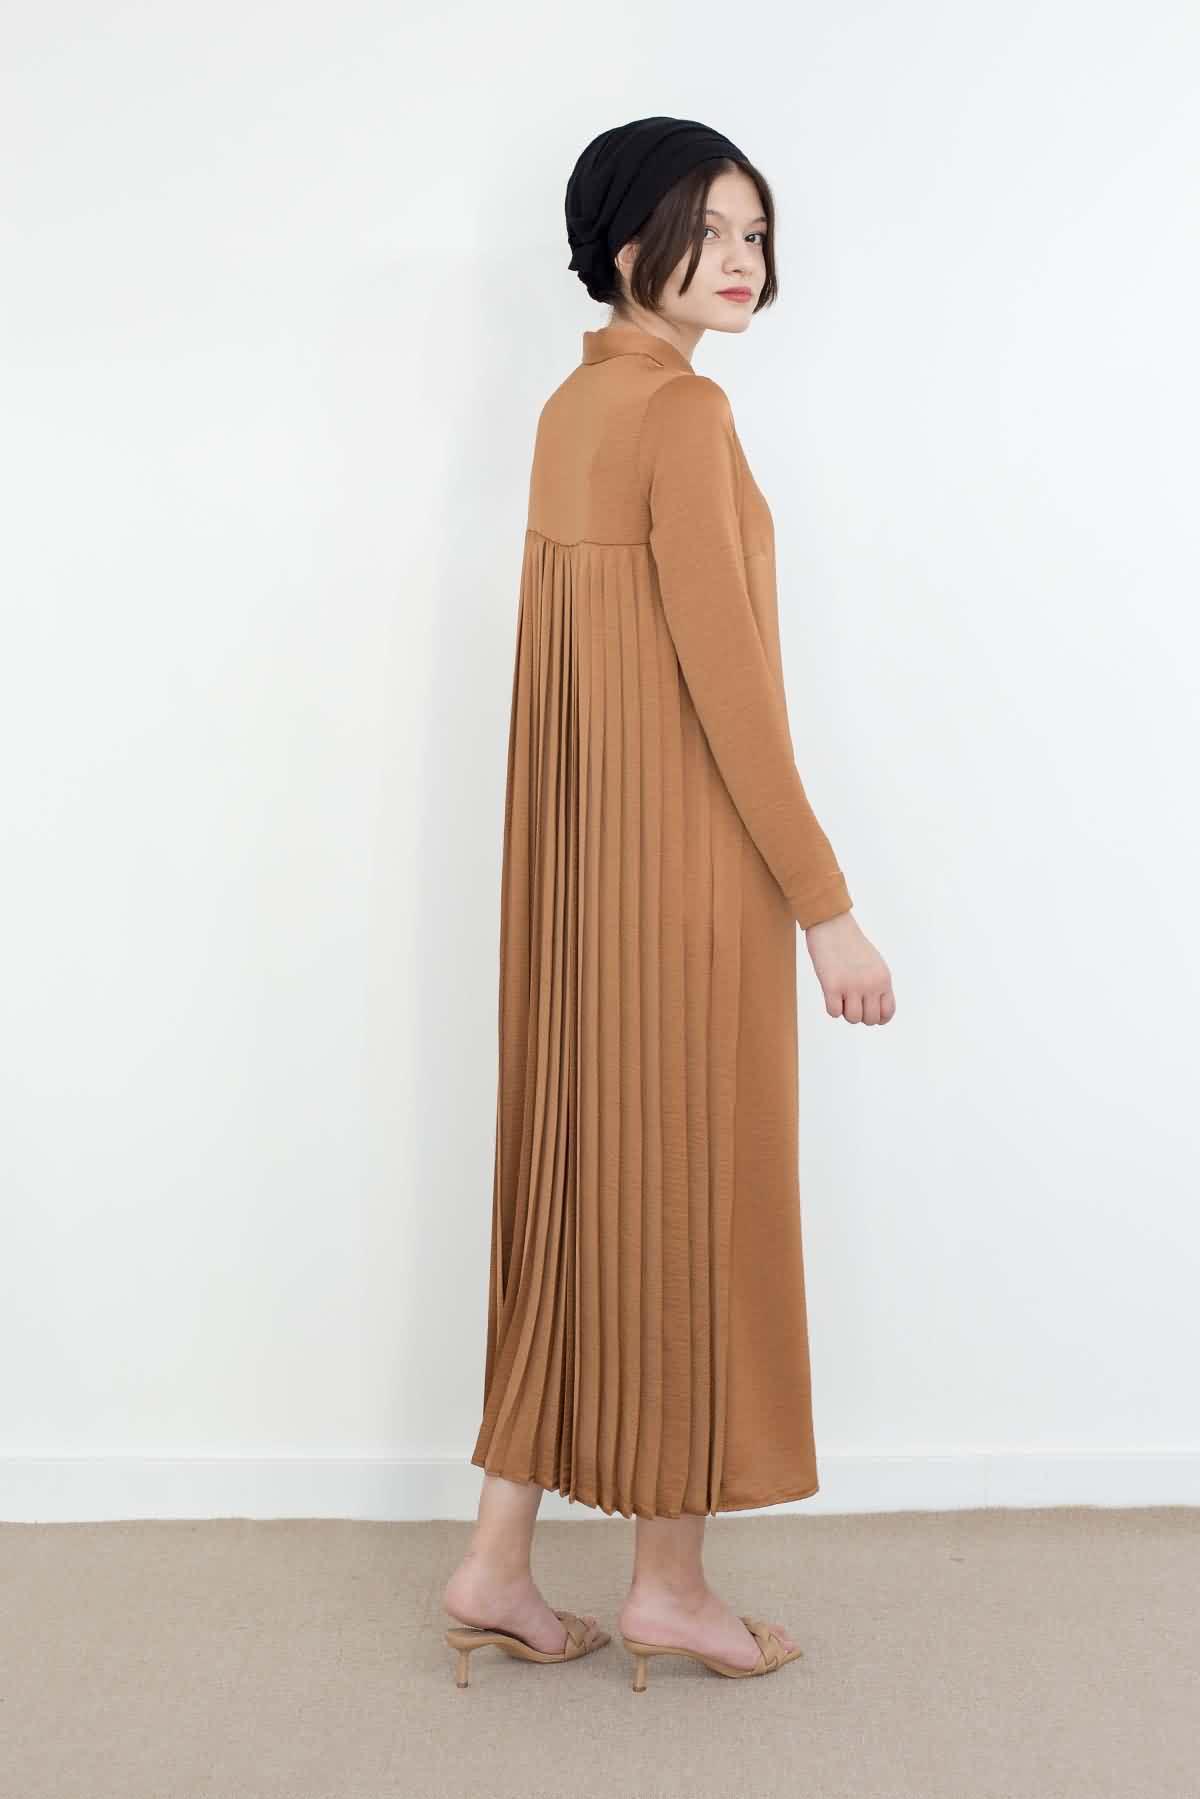 Mevra - Piliseli Elbise Toffee